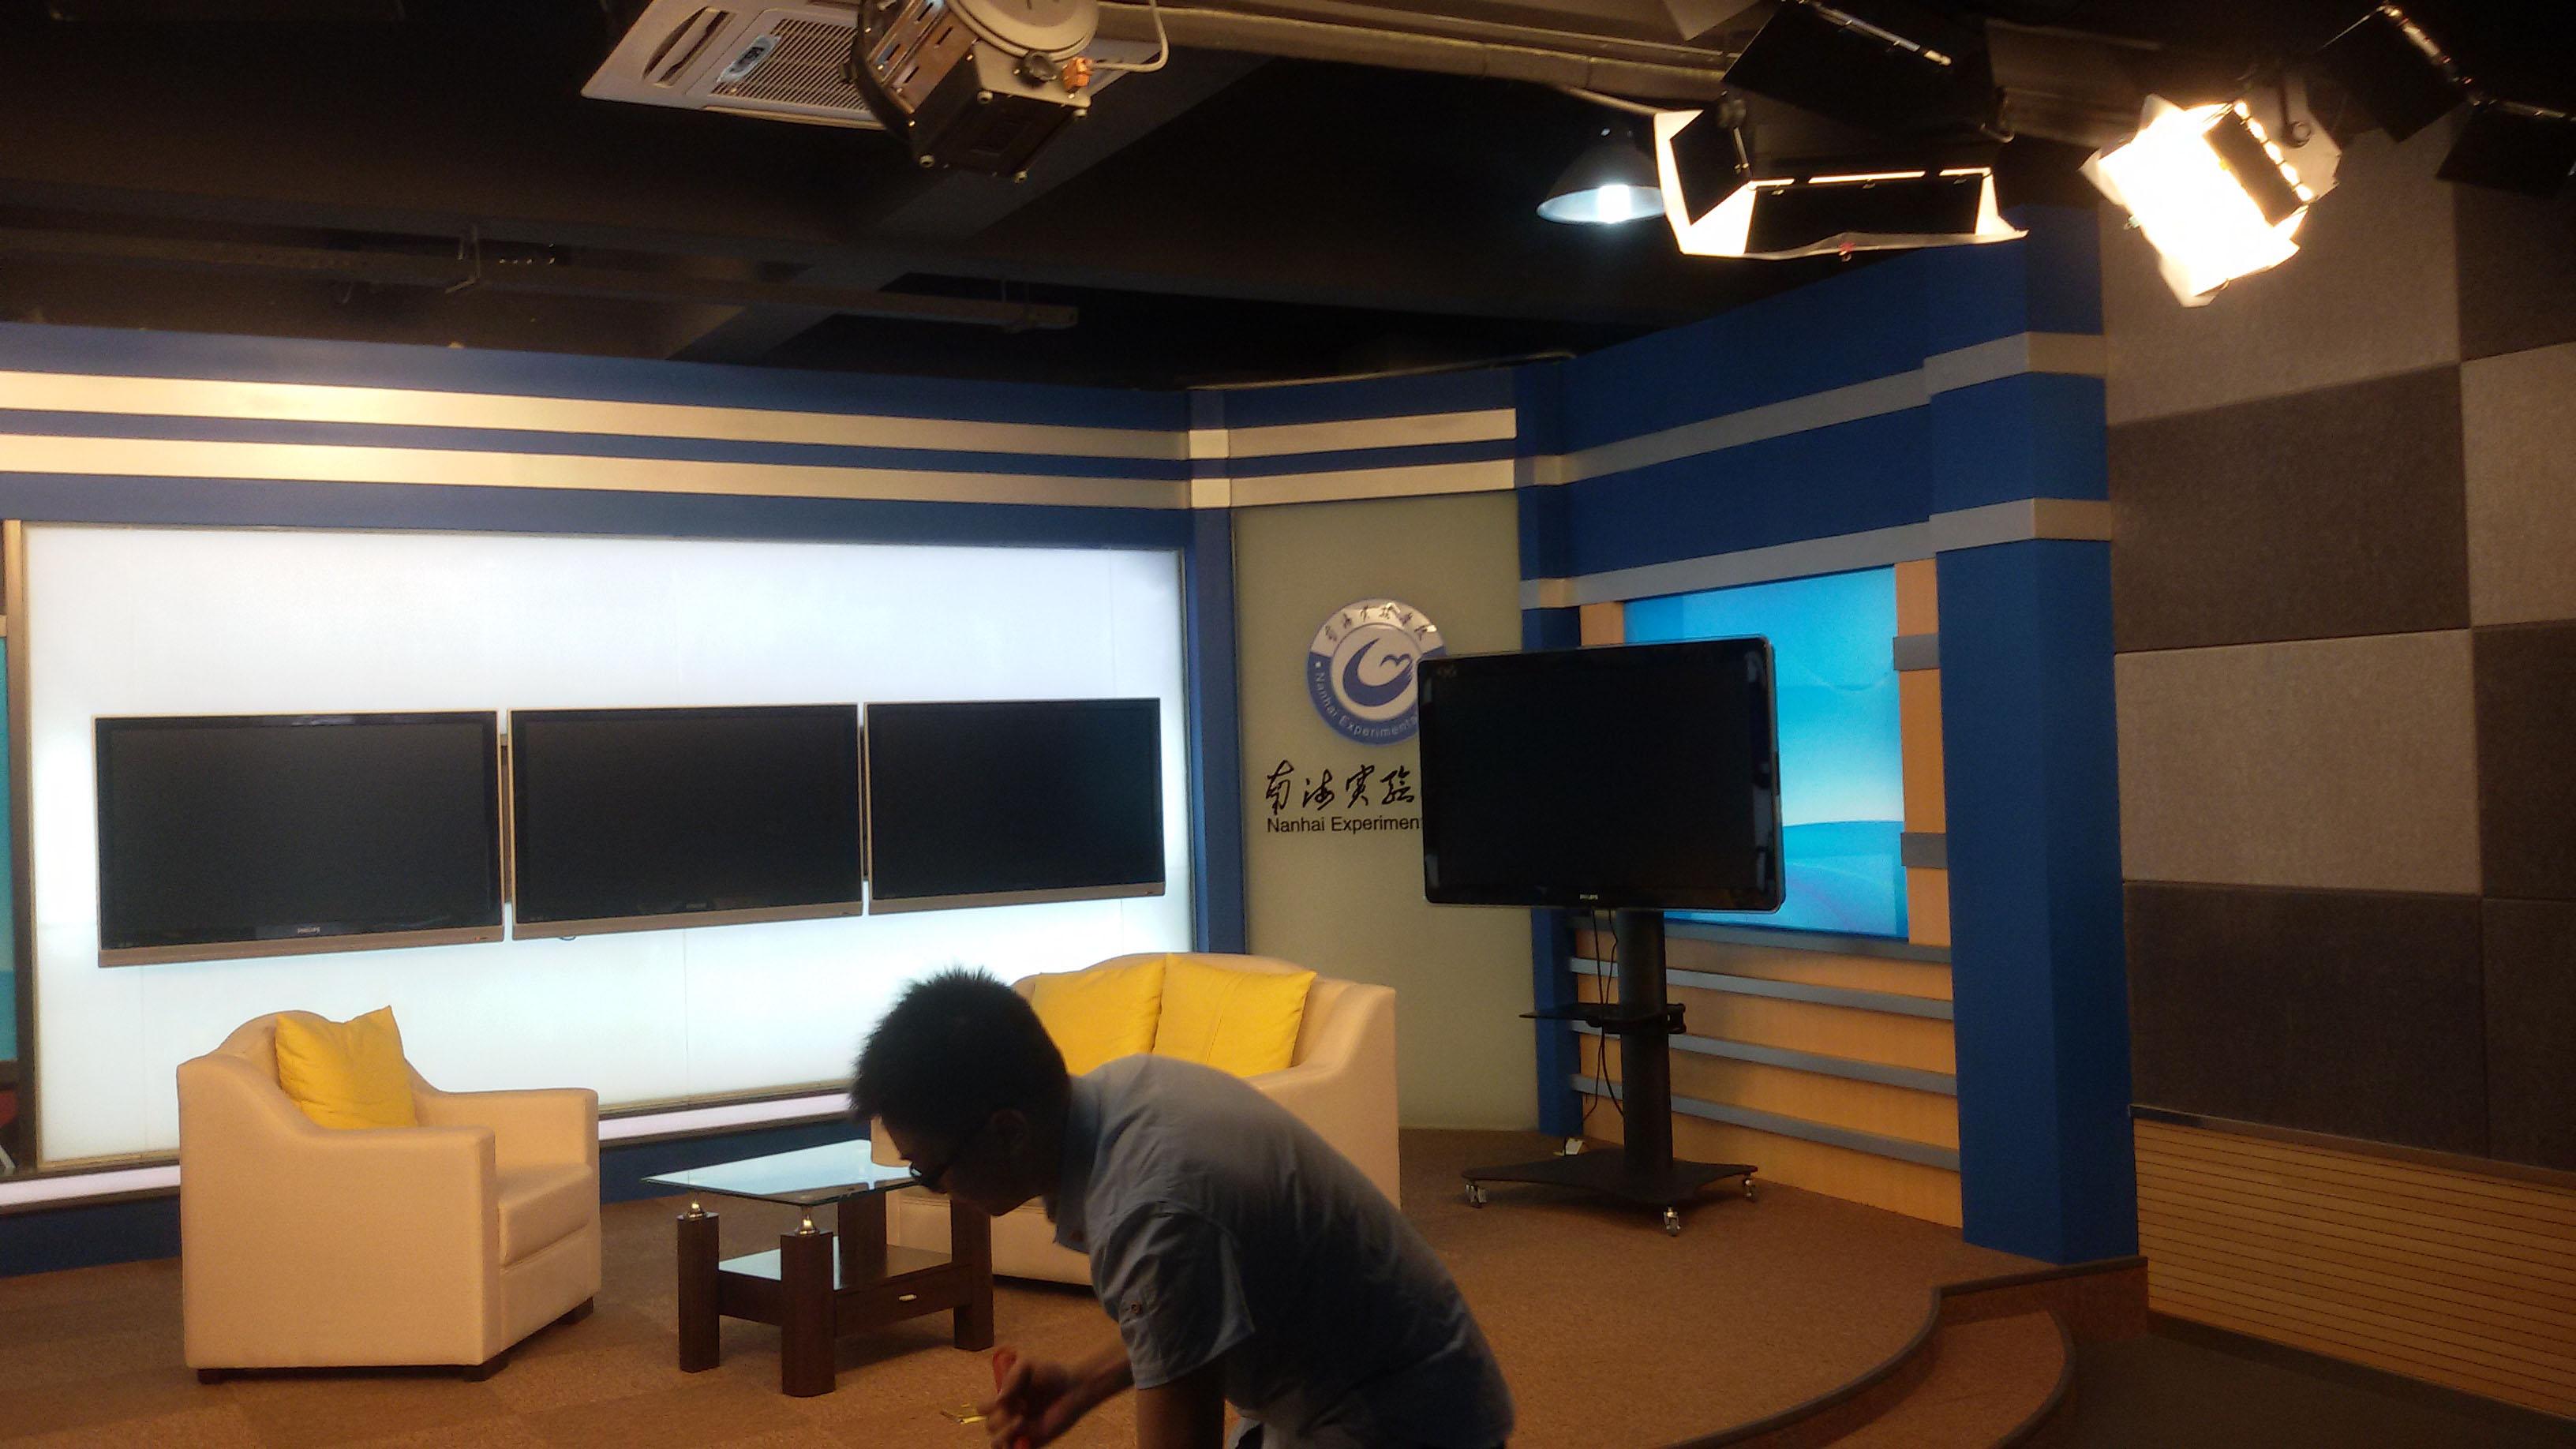 舟山市南海实验中学校园电视台演播室